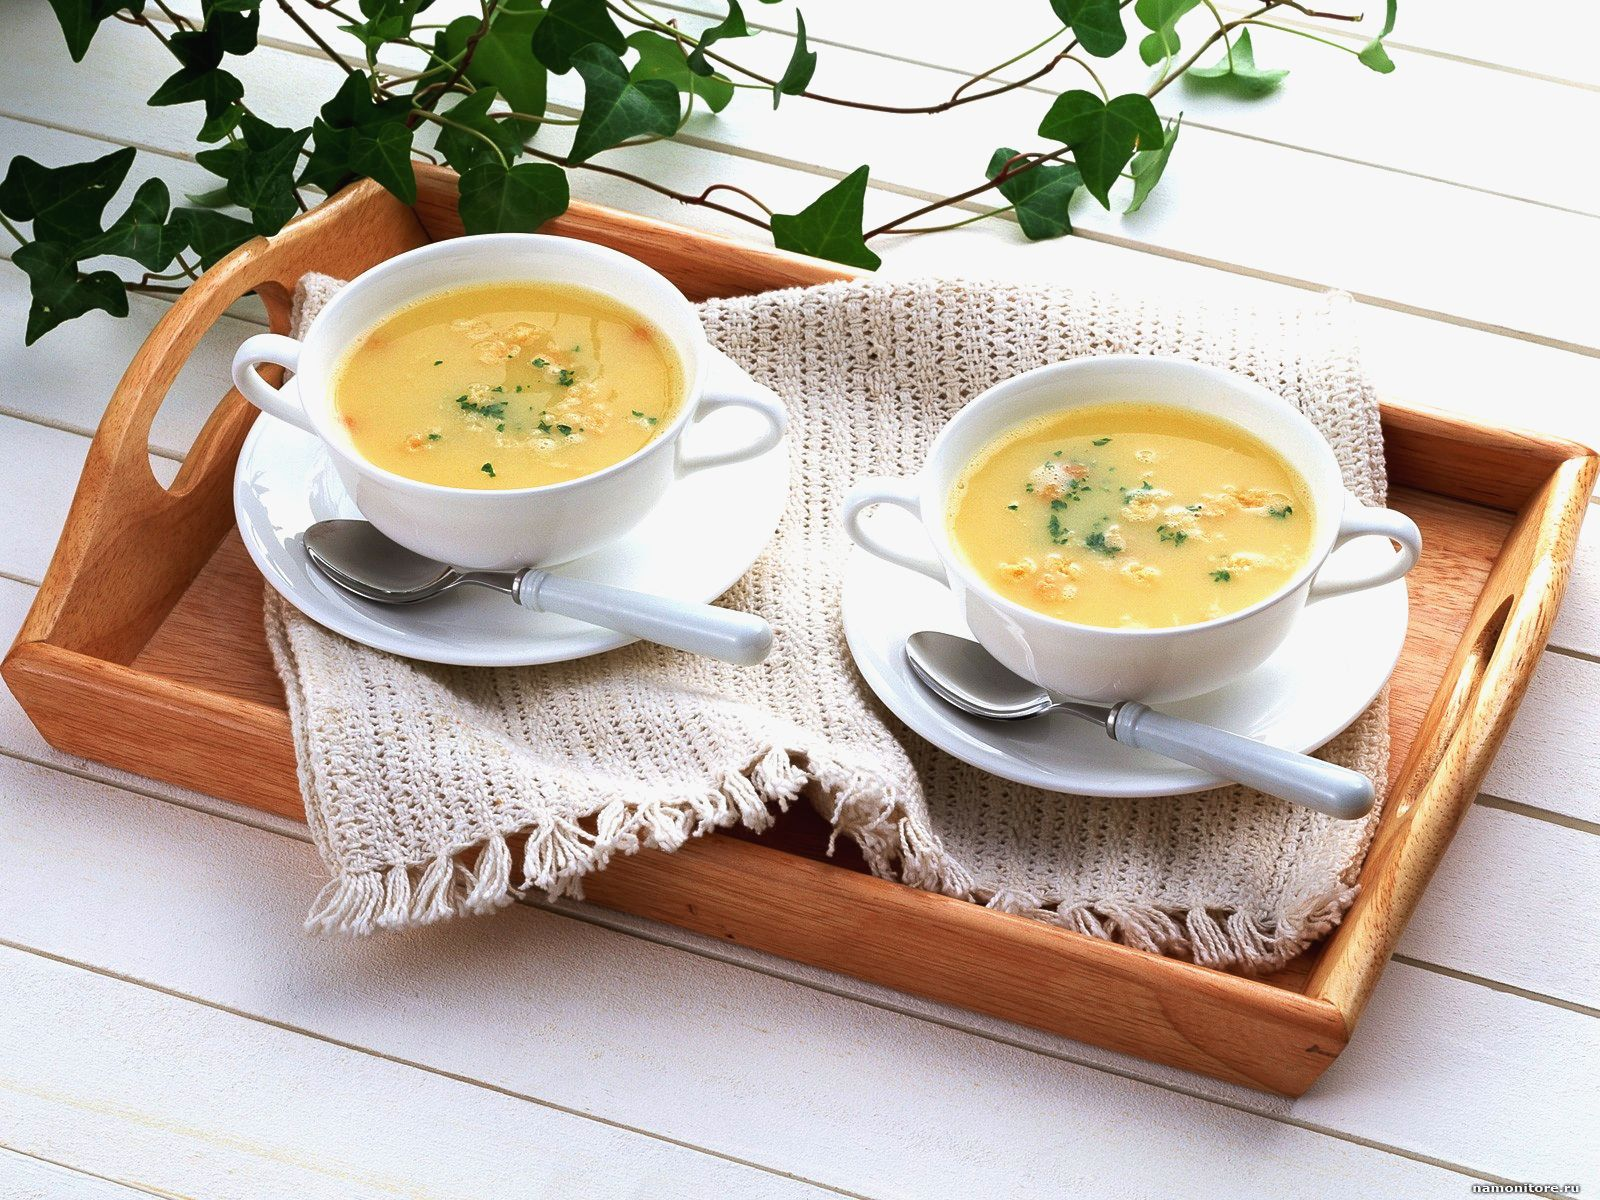 В рационе должна преобладать измельченная еда, приготовленная на пару.